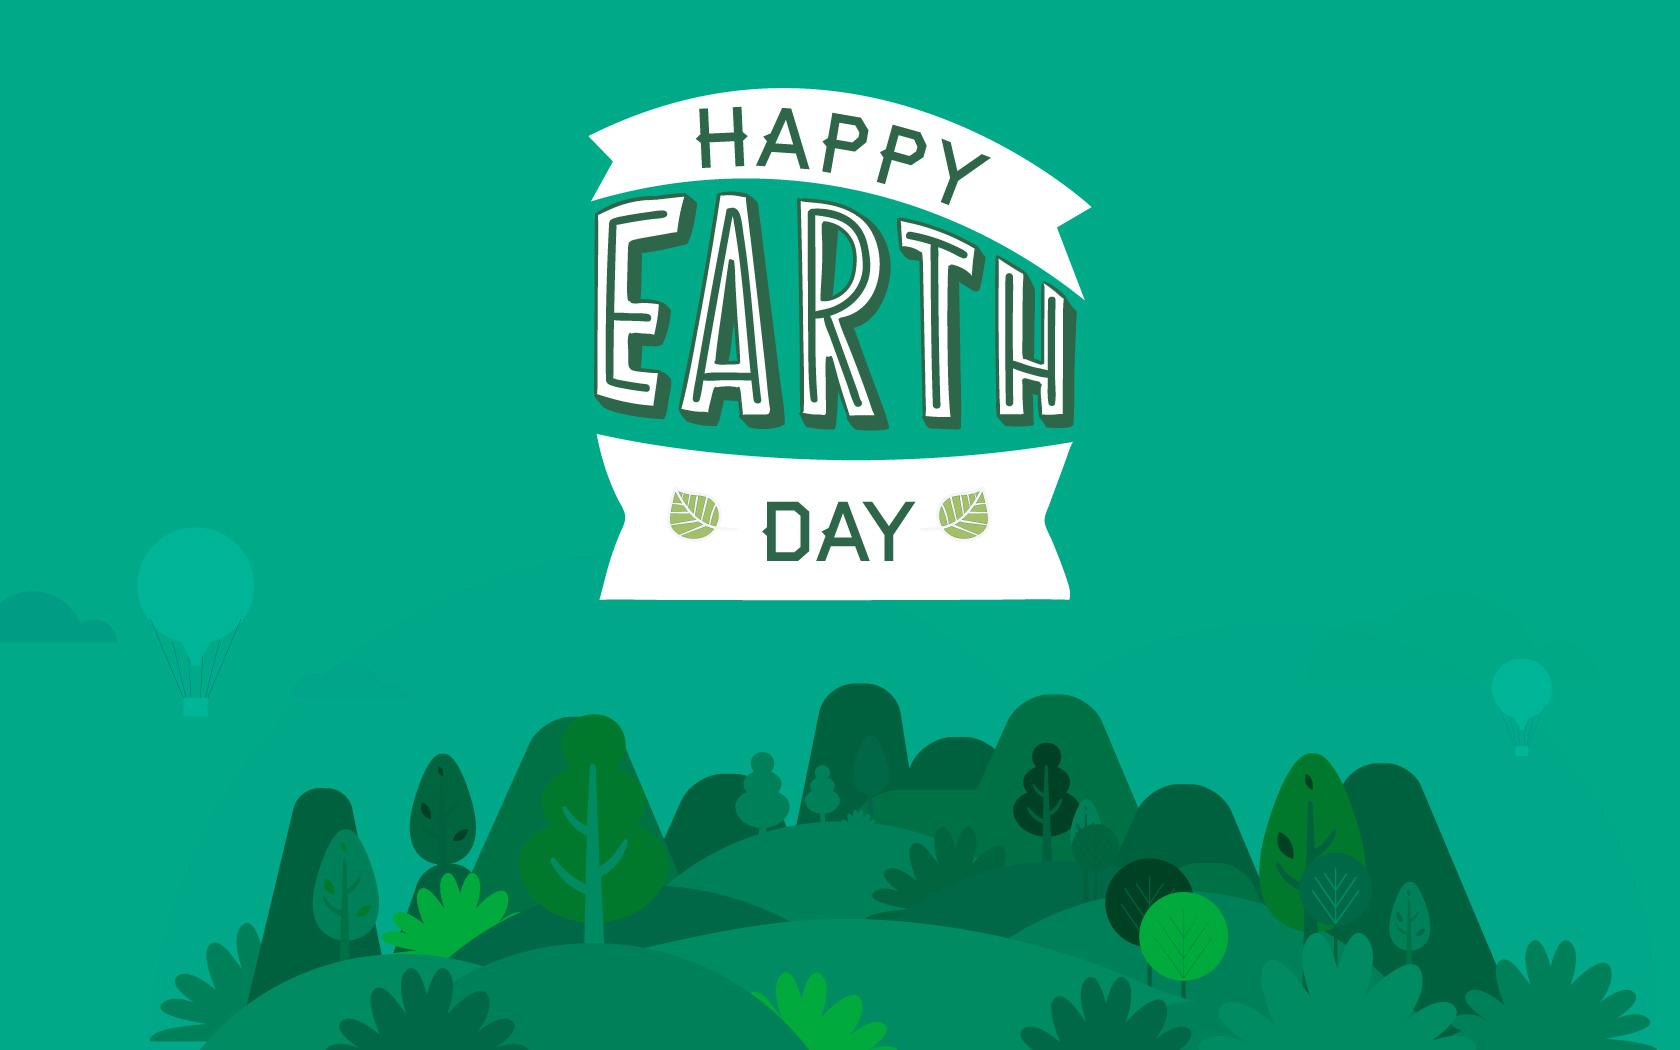 Earth Day Wallpaper 7   1680 X 1050 stmednet 1680x1050